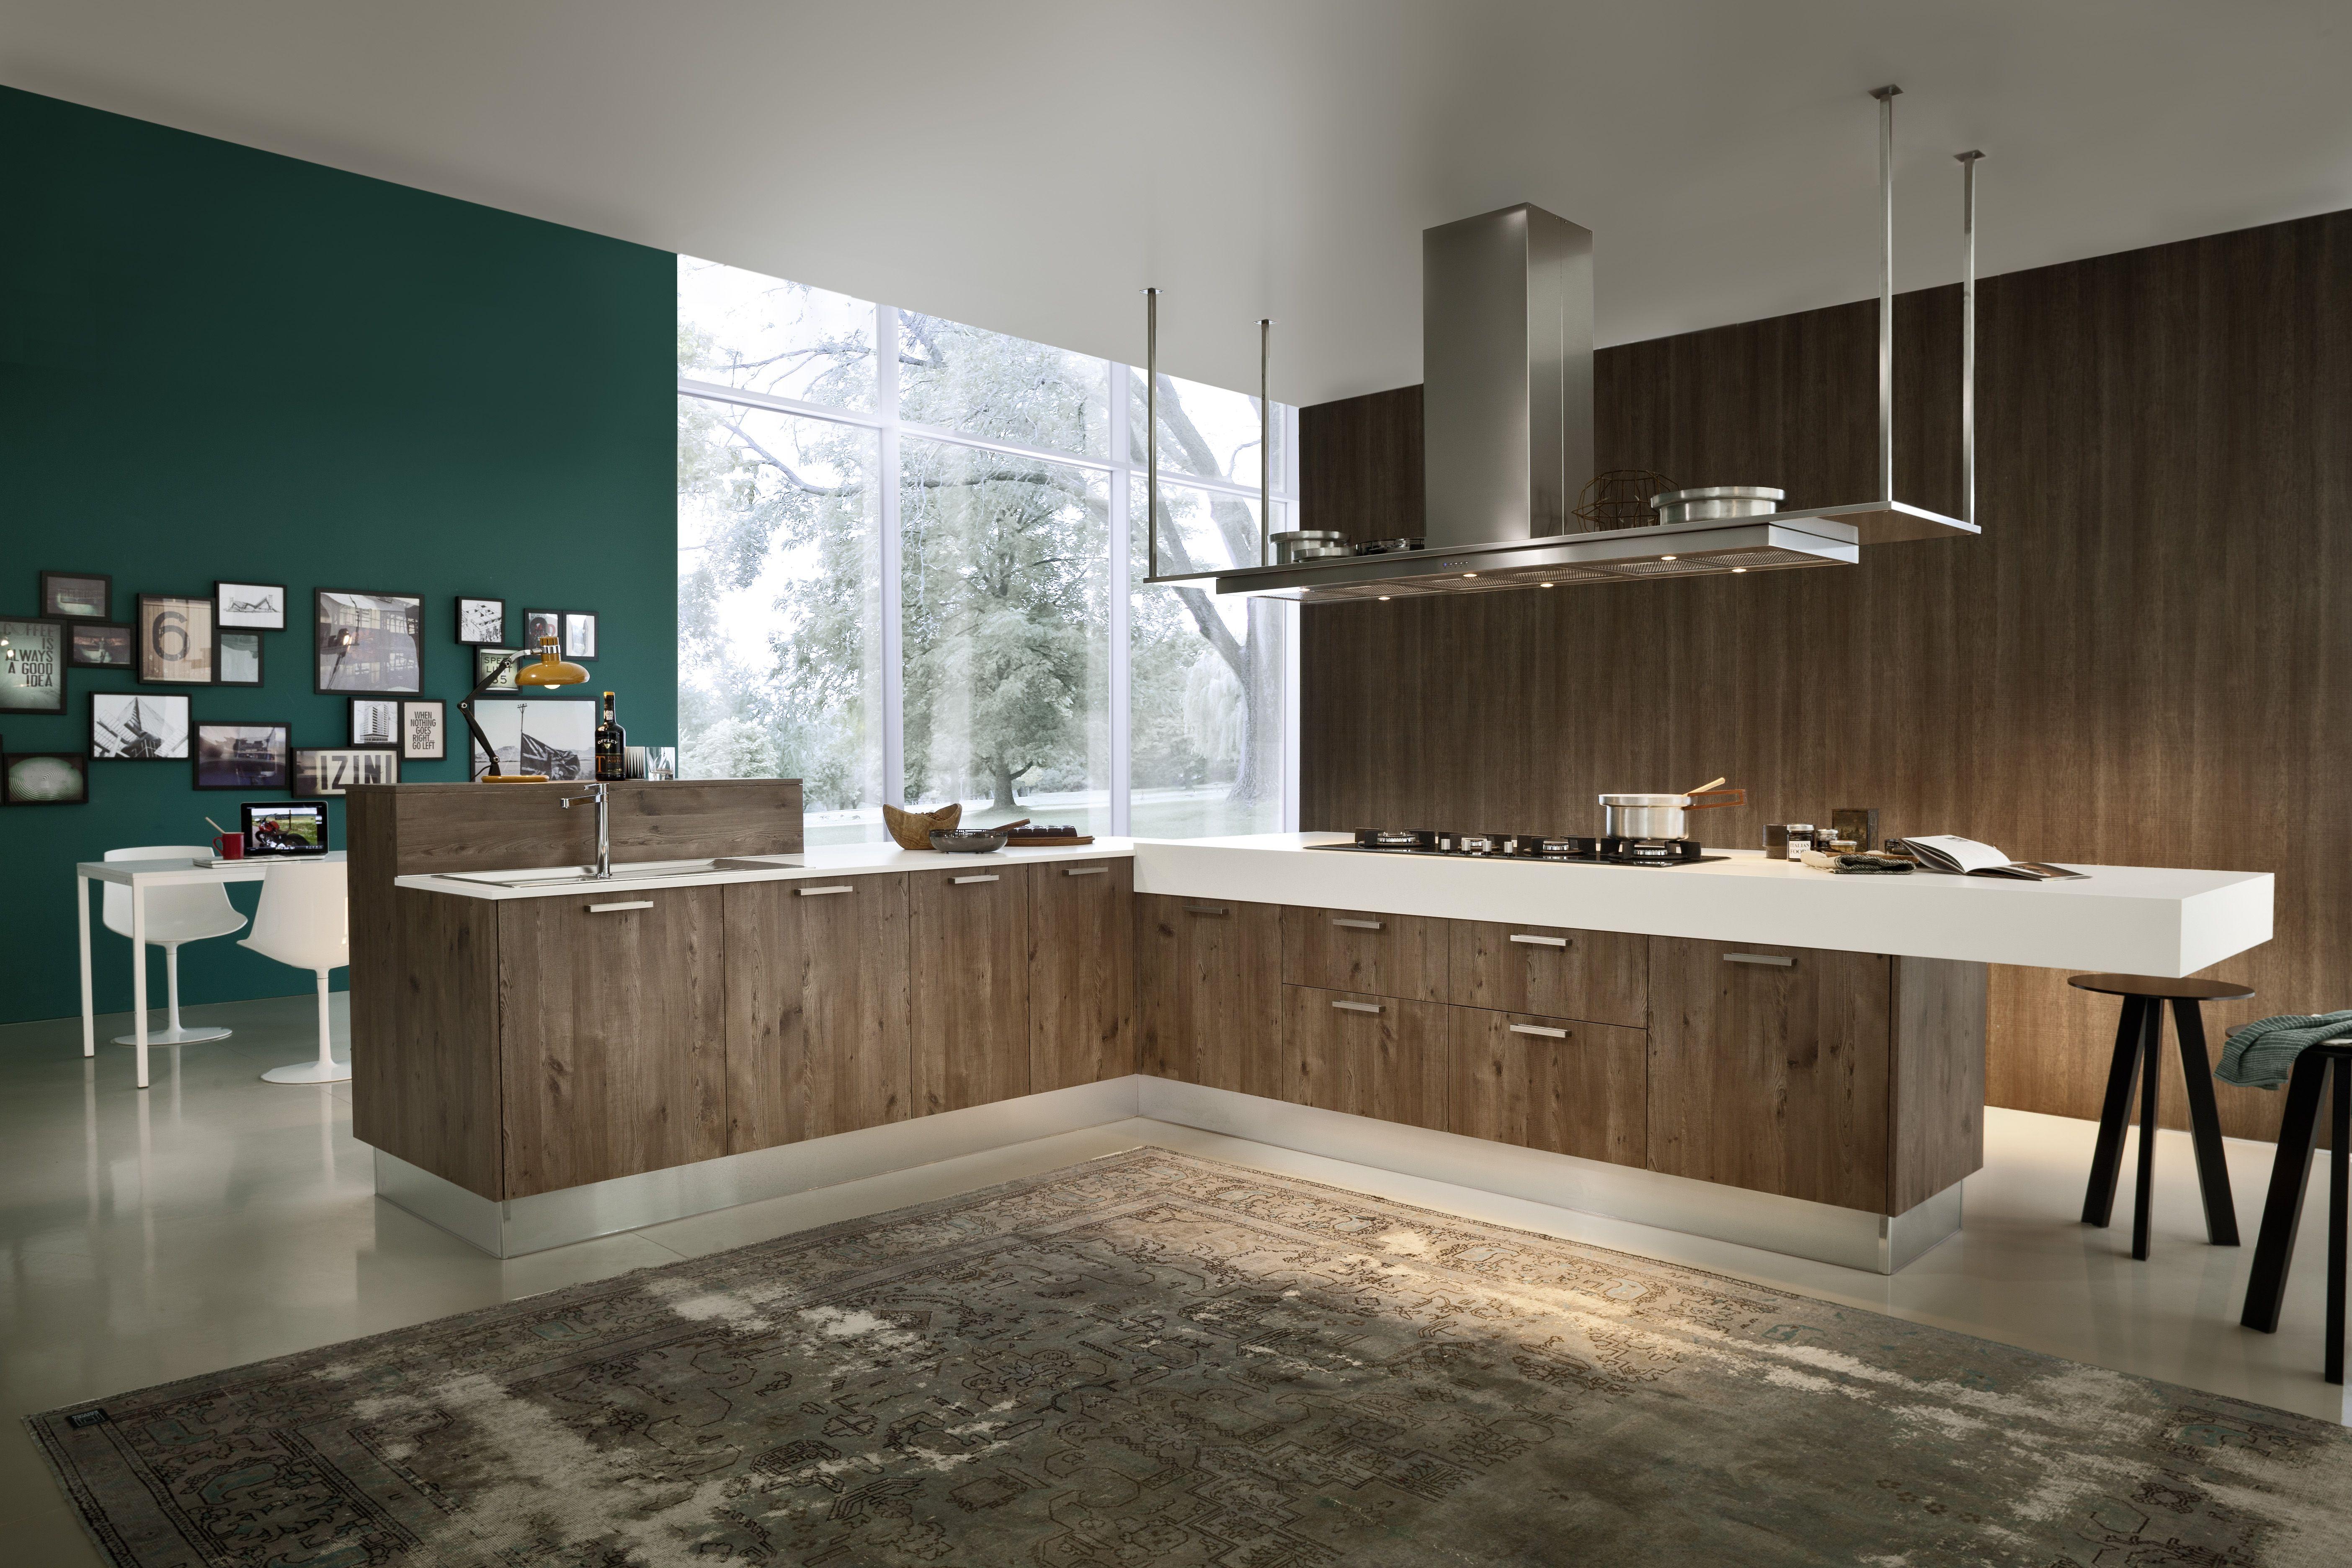 Eko 2015 Kitchen Design Nyc  Modern European Eko 2015 Nyc Unique Modern Kitchen Cabinets Nyc Design Decoration